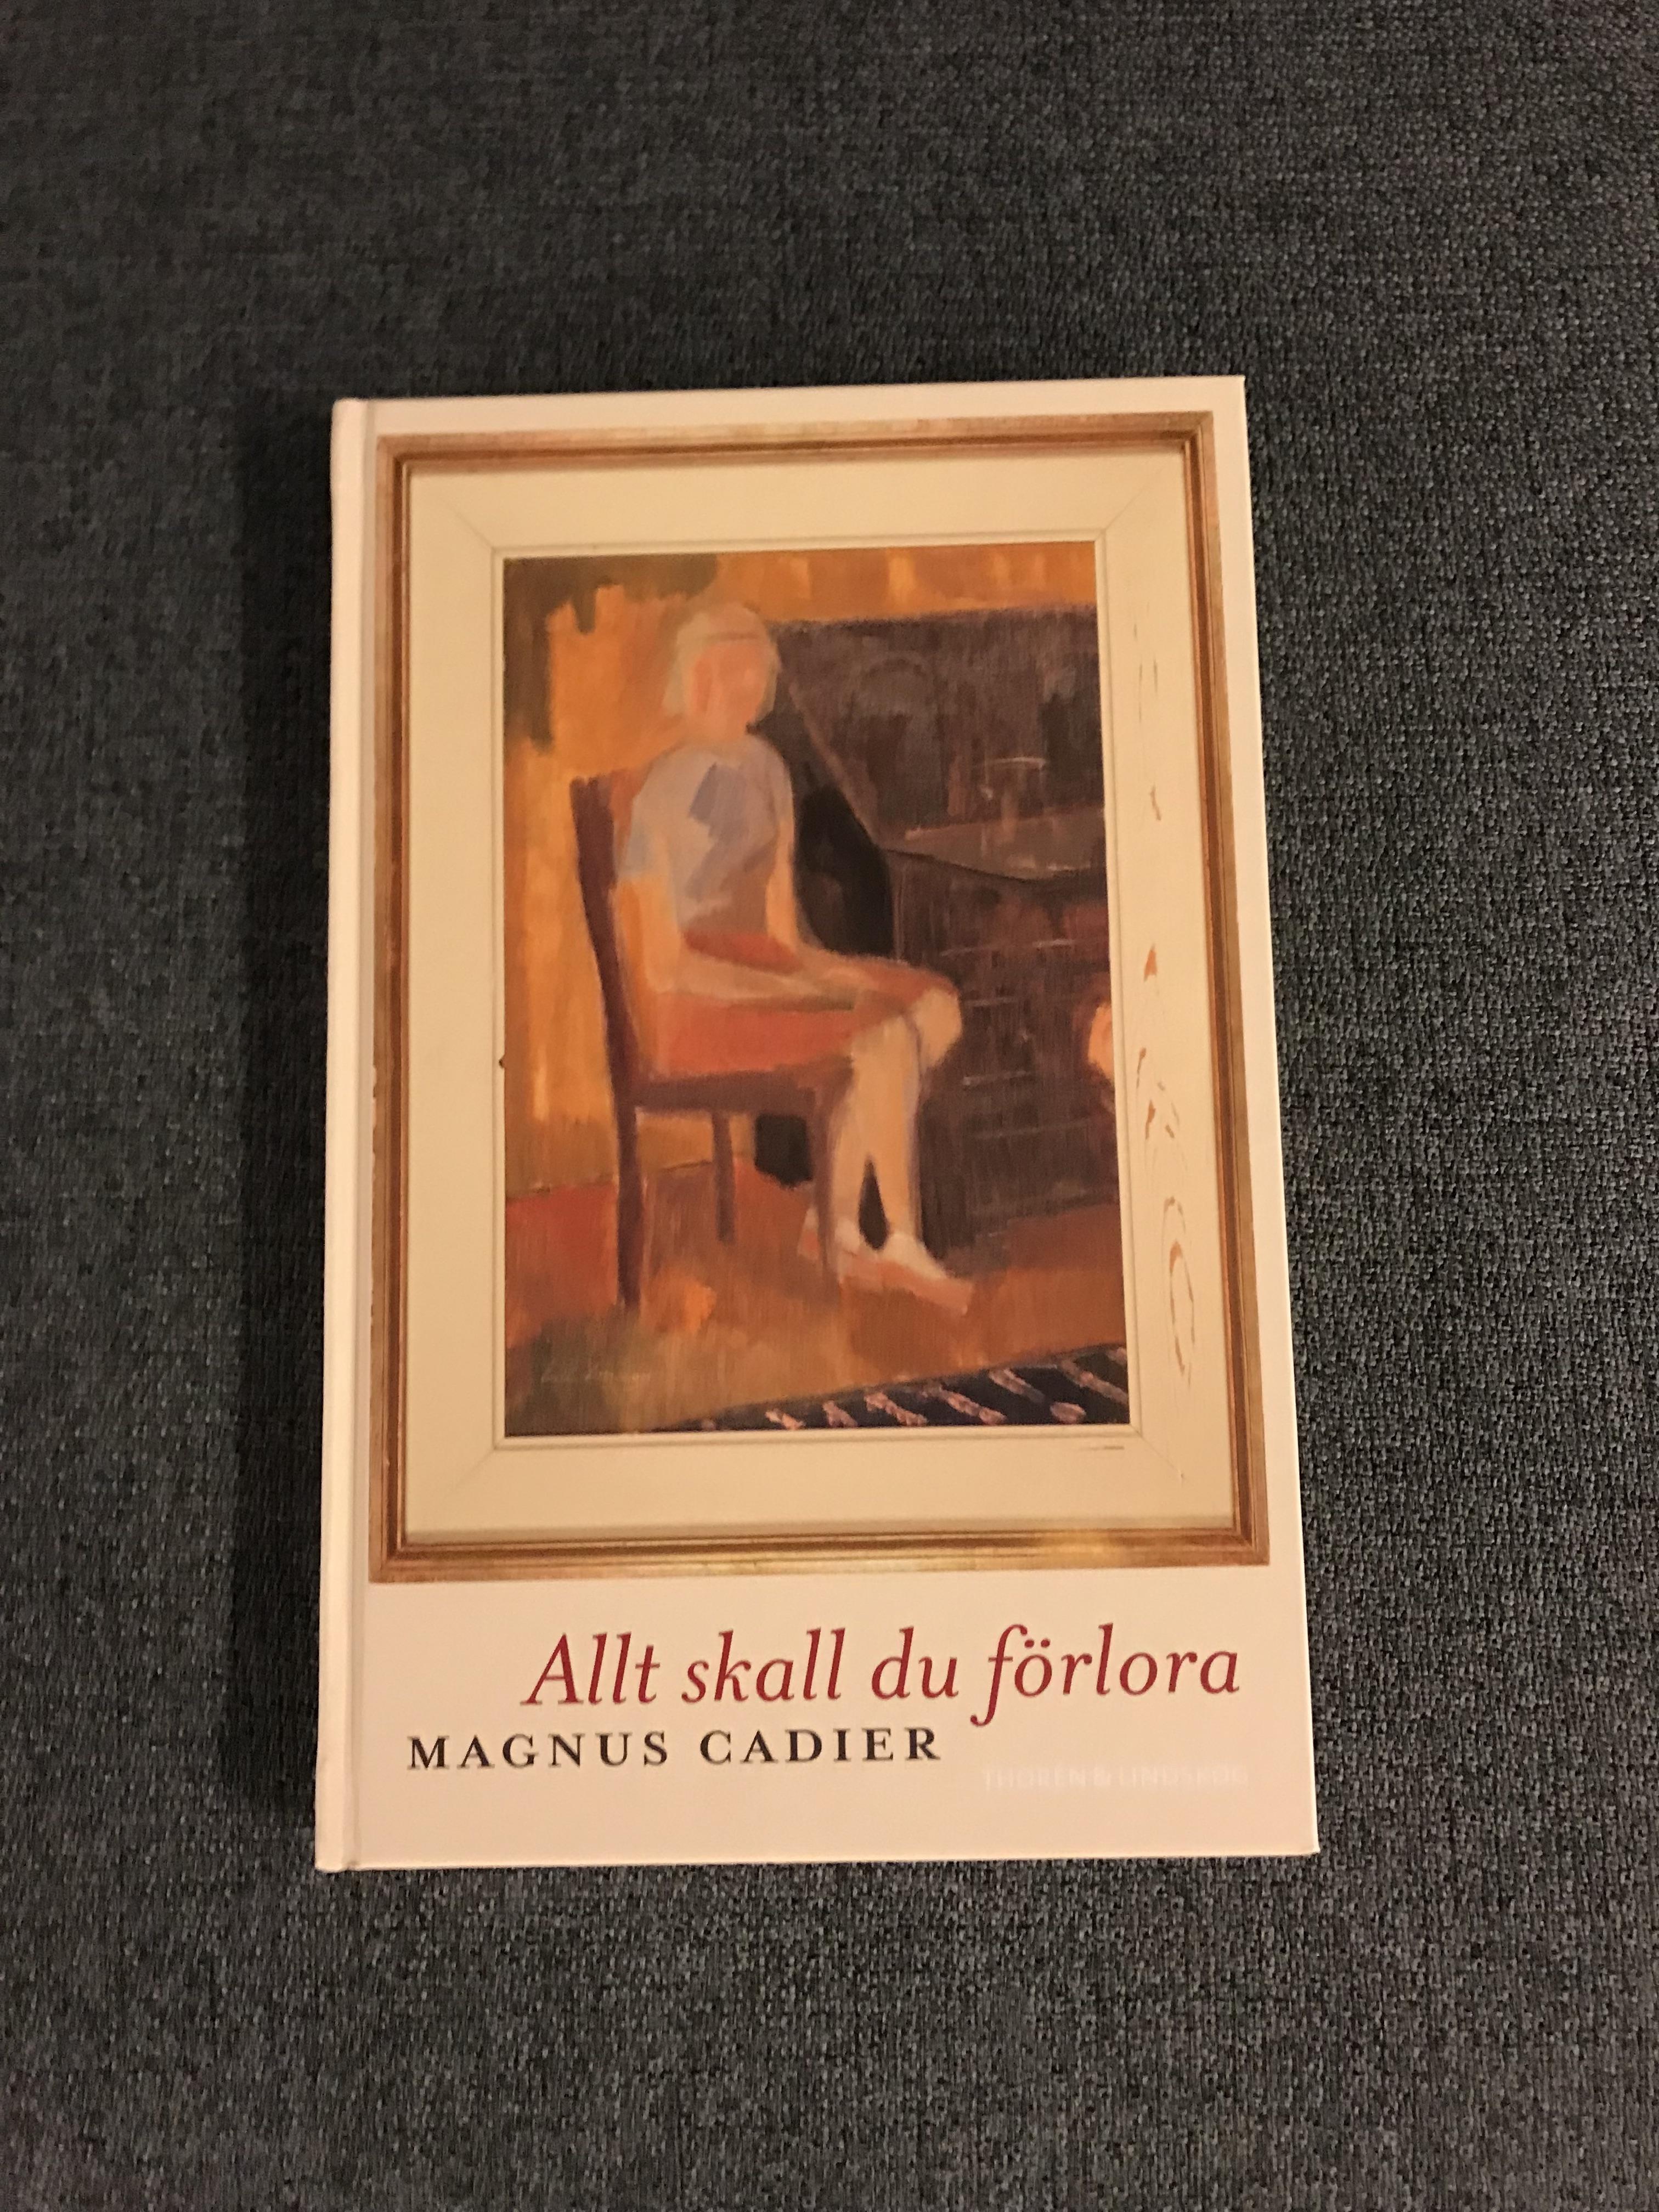 """Omslag """"Allt skall du förlora"""". För Magnus Cadier liknar bilden hans bild av romanens huvudkaraktär Solveig."""